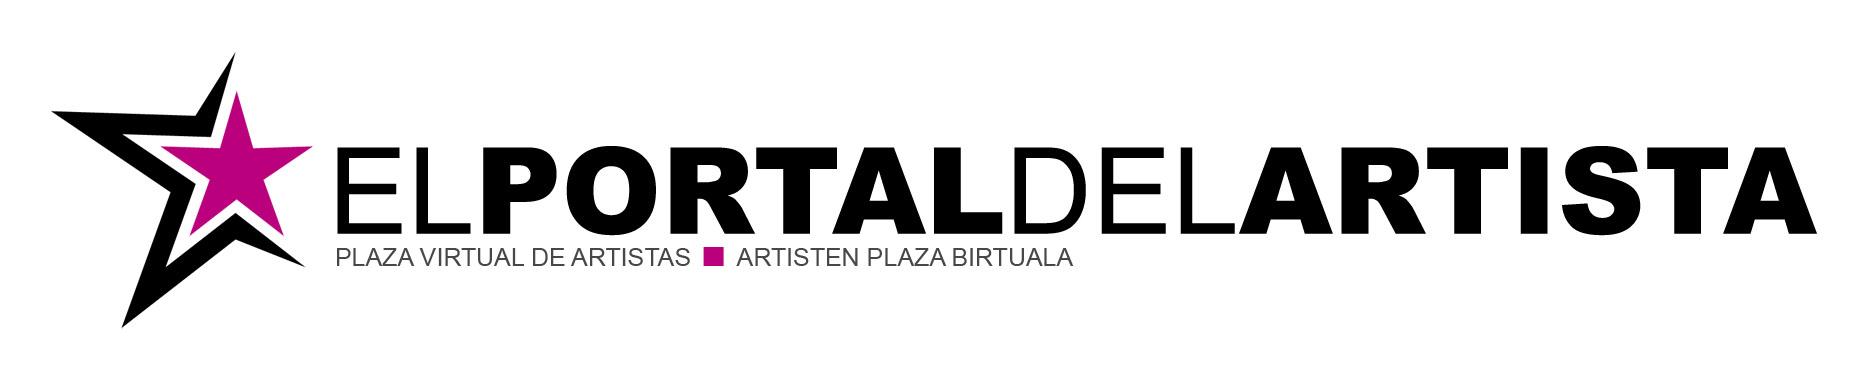 El  Portal  del  Artista:  logo